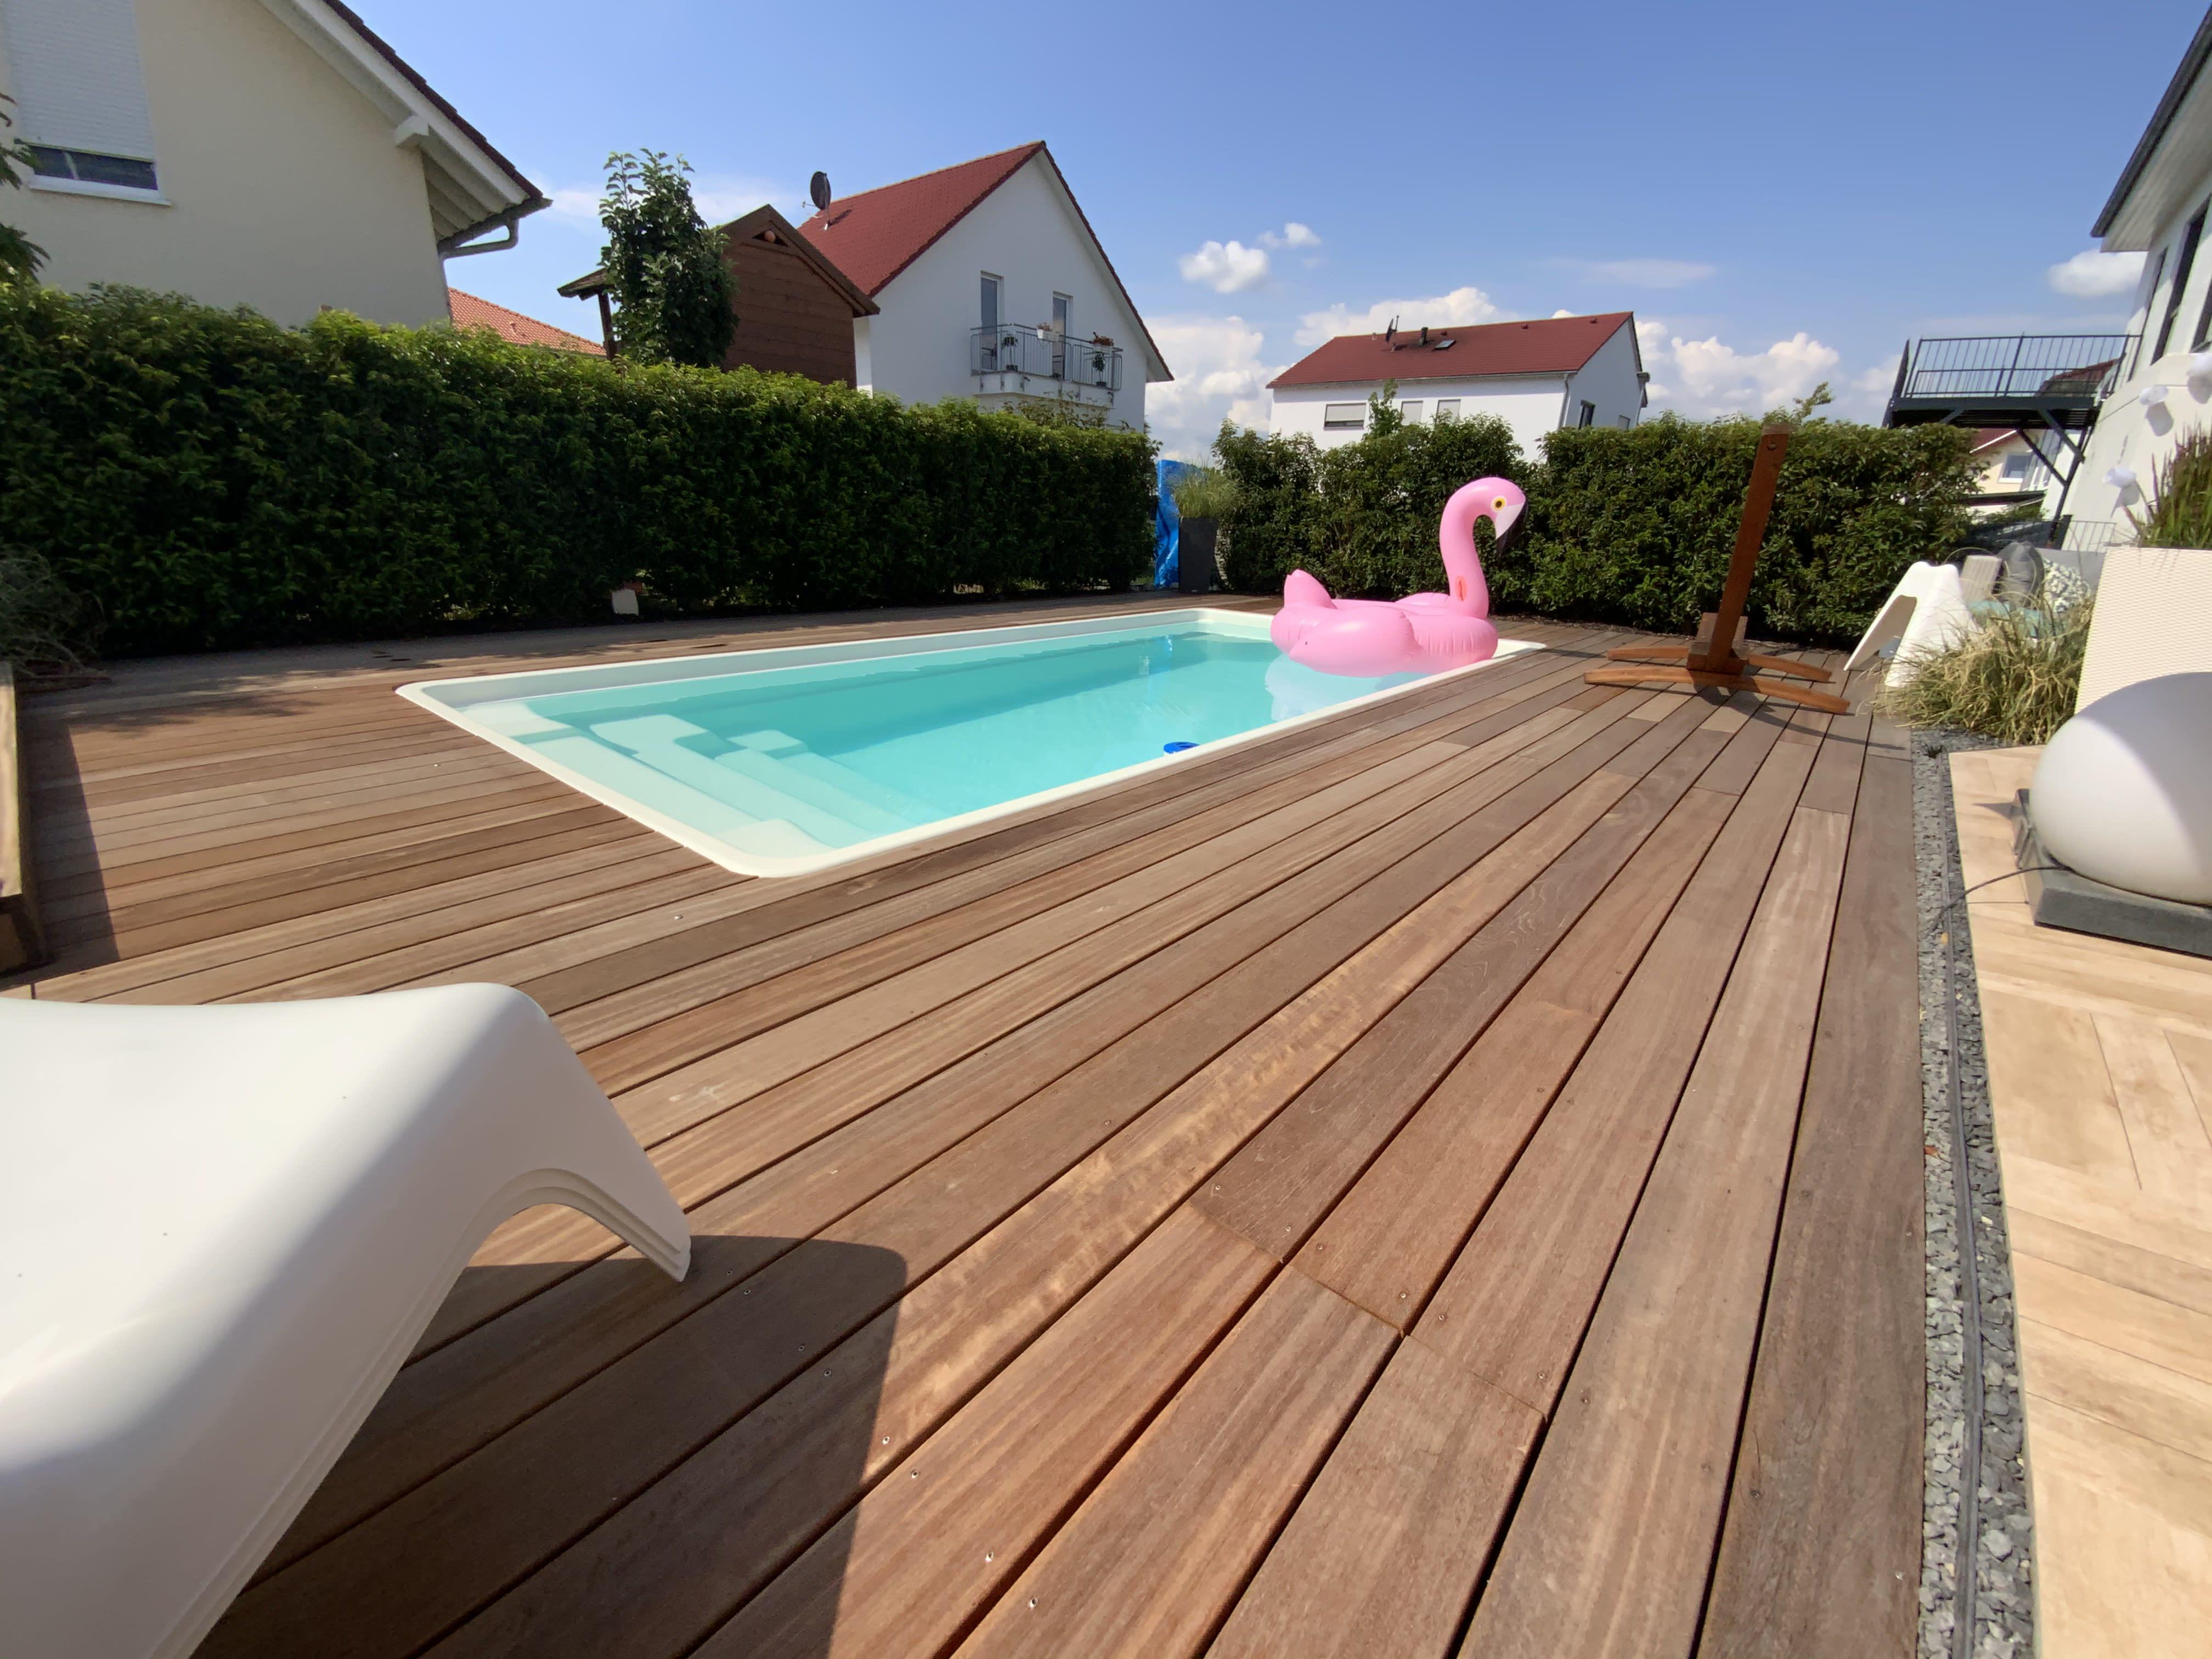 Garten mit Pool und Flamingo, Holzdeckung